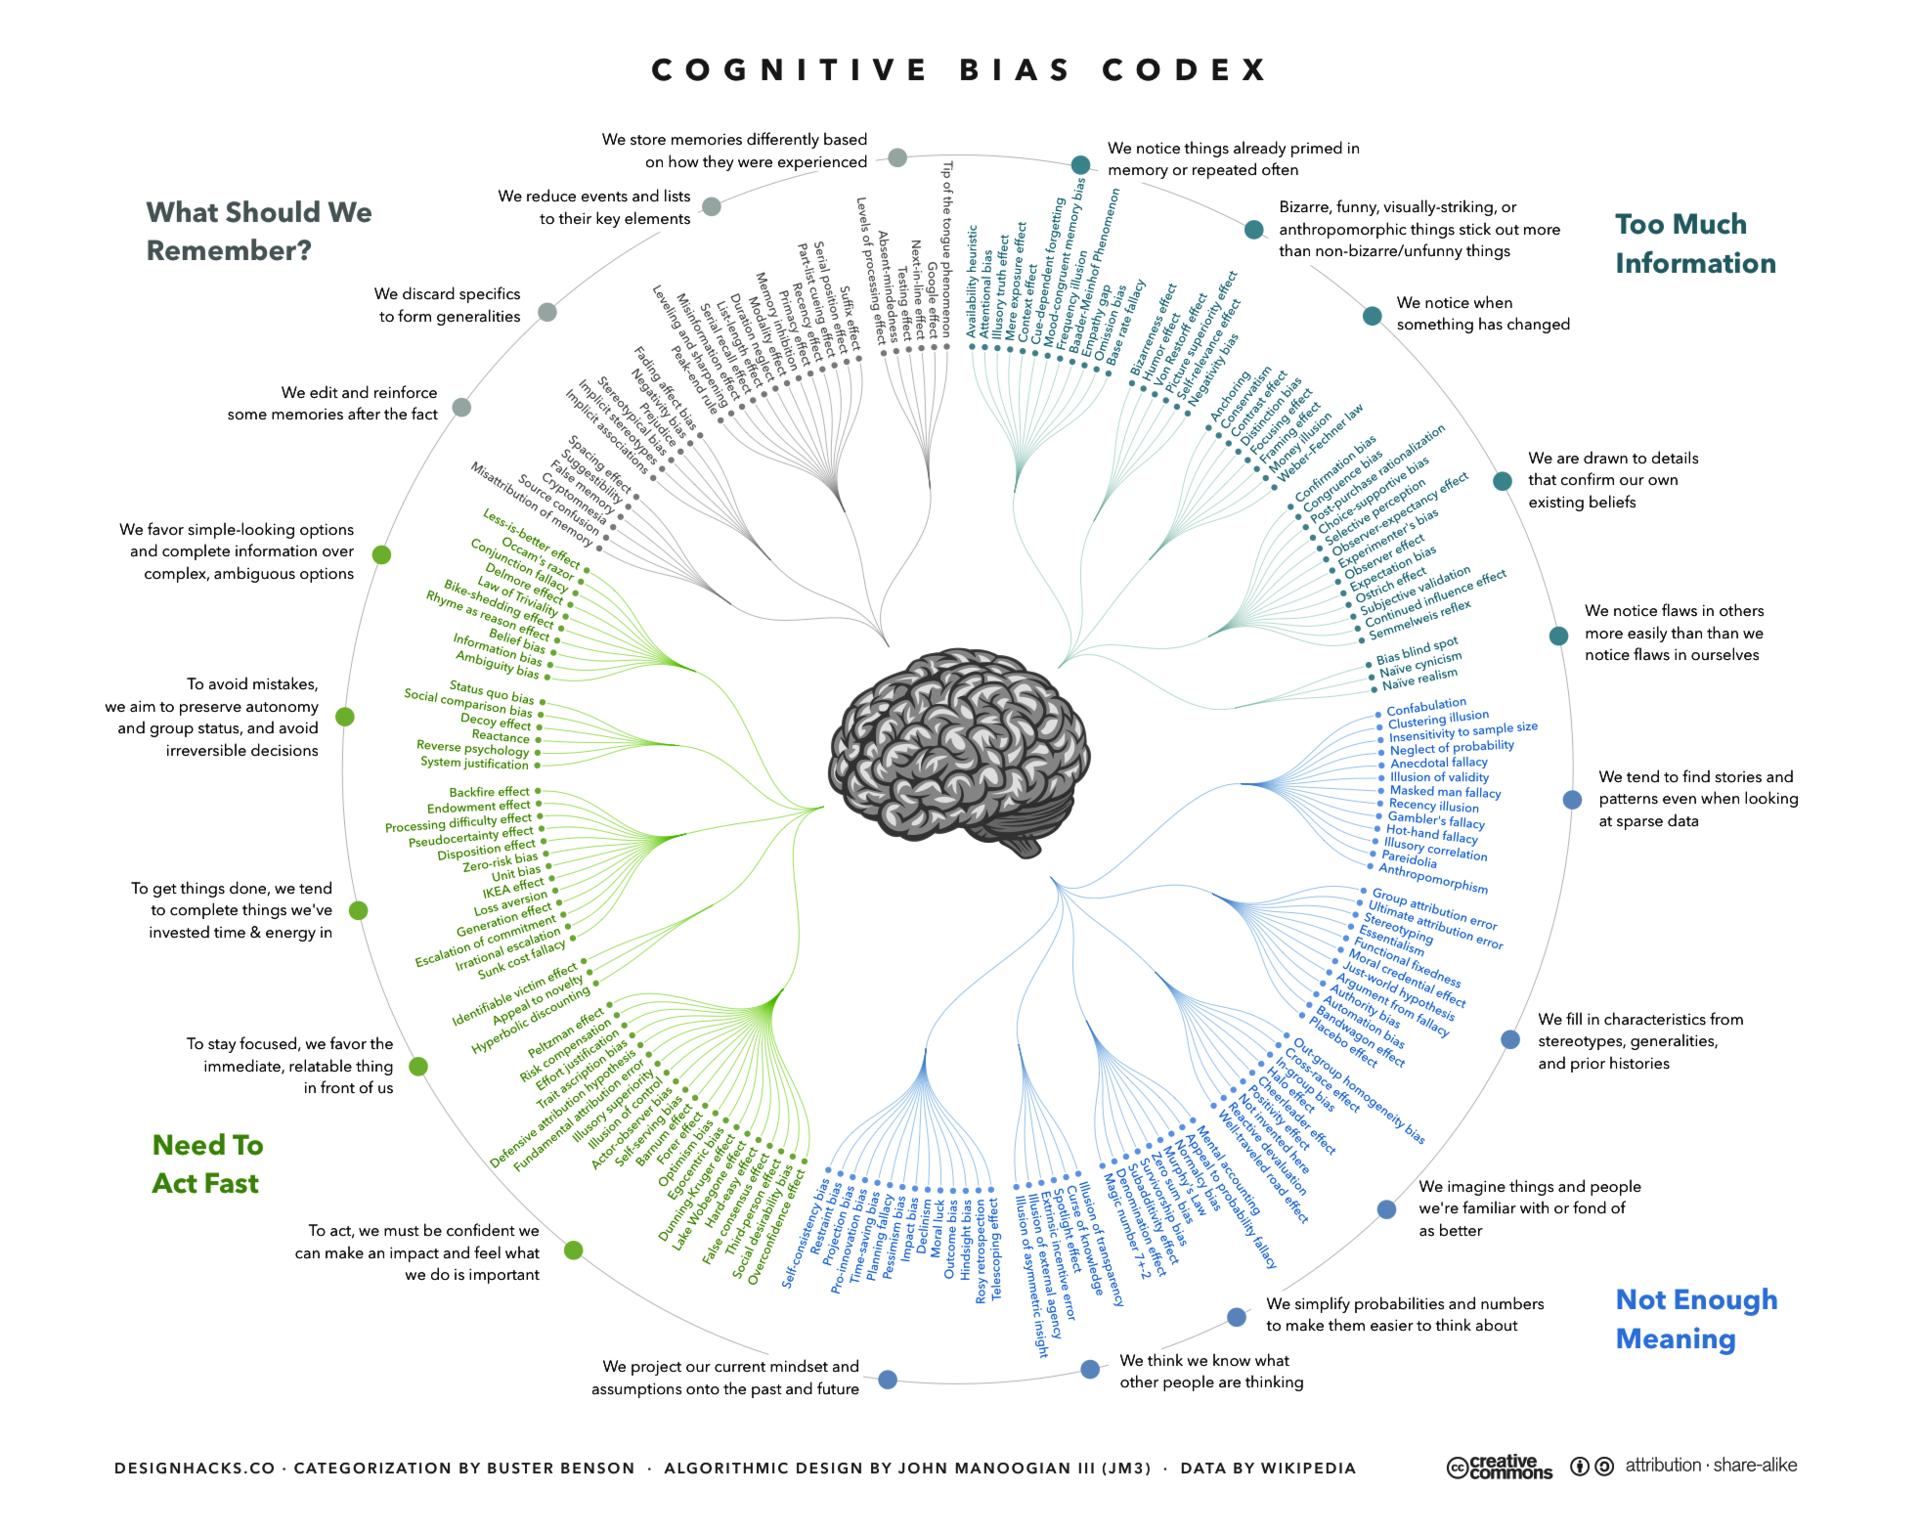 CognitiveBiasCodex.png